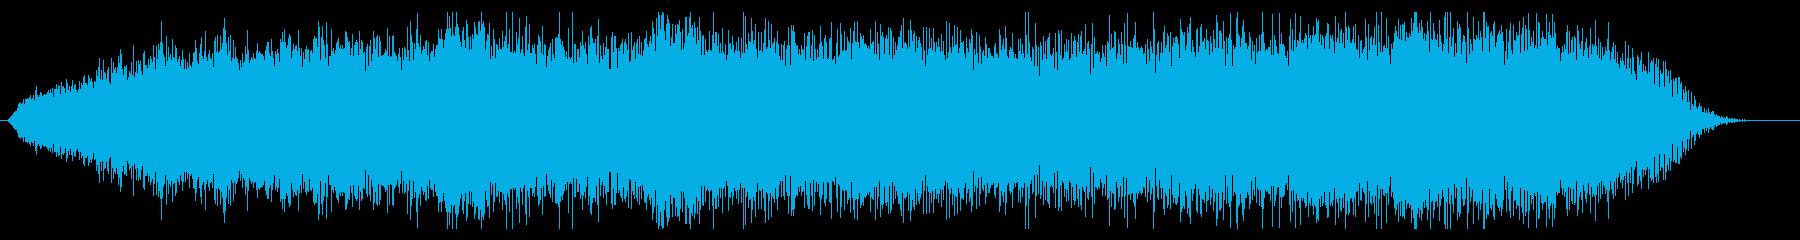 コンピュータ・研究所・近未来のBGMの再生済みの波形